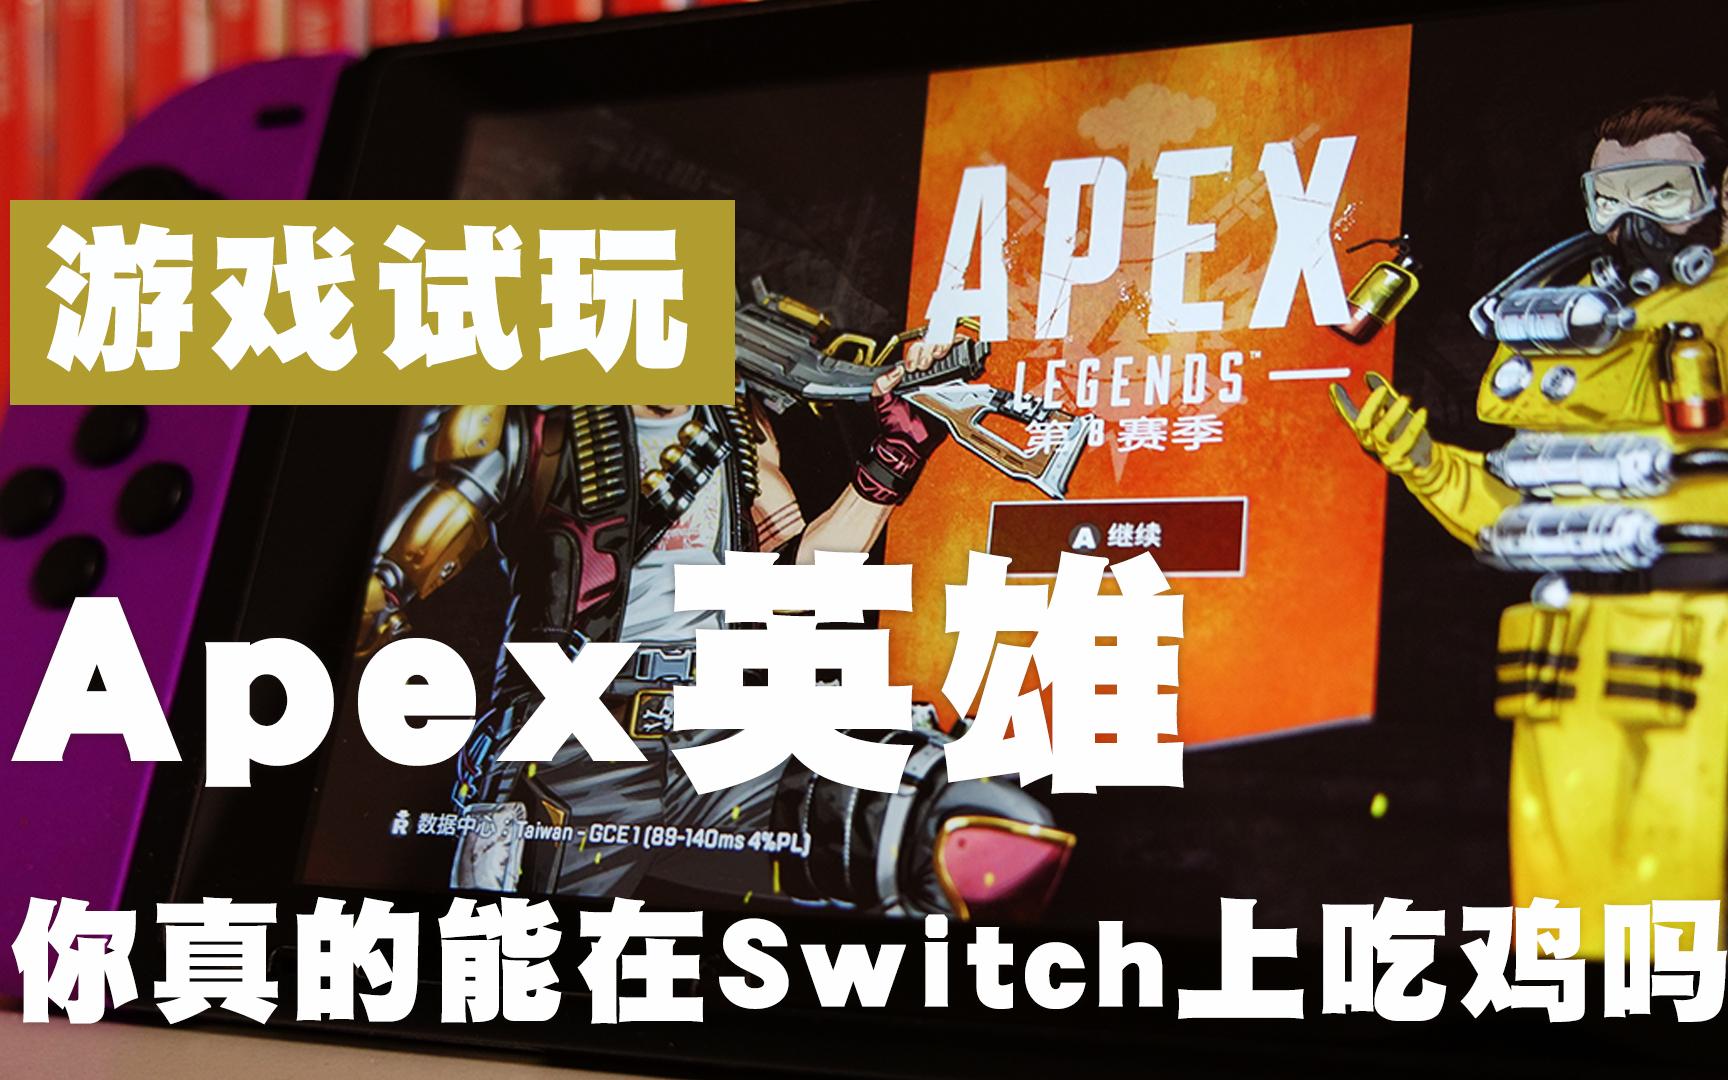 人均5.0视力大师,你真的能在Switch上吃鸡吗?Apex英雄试玩介绍